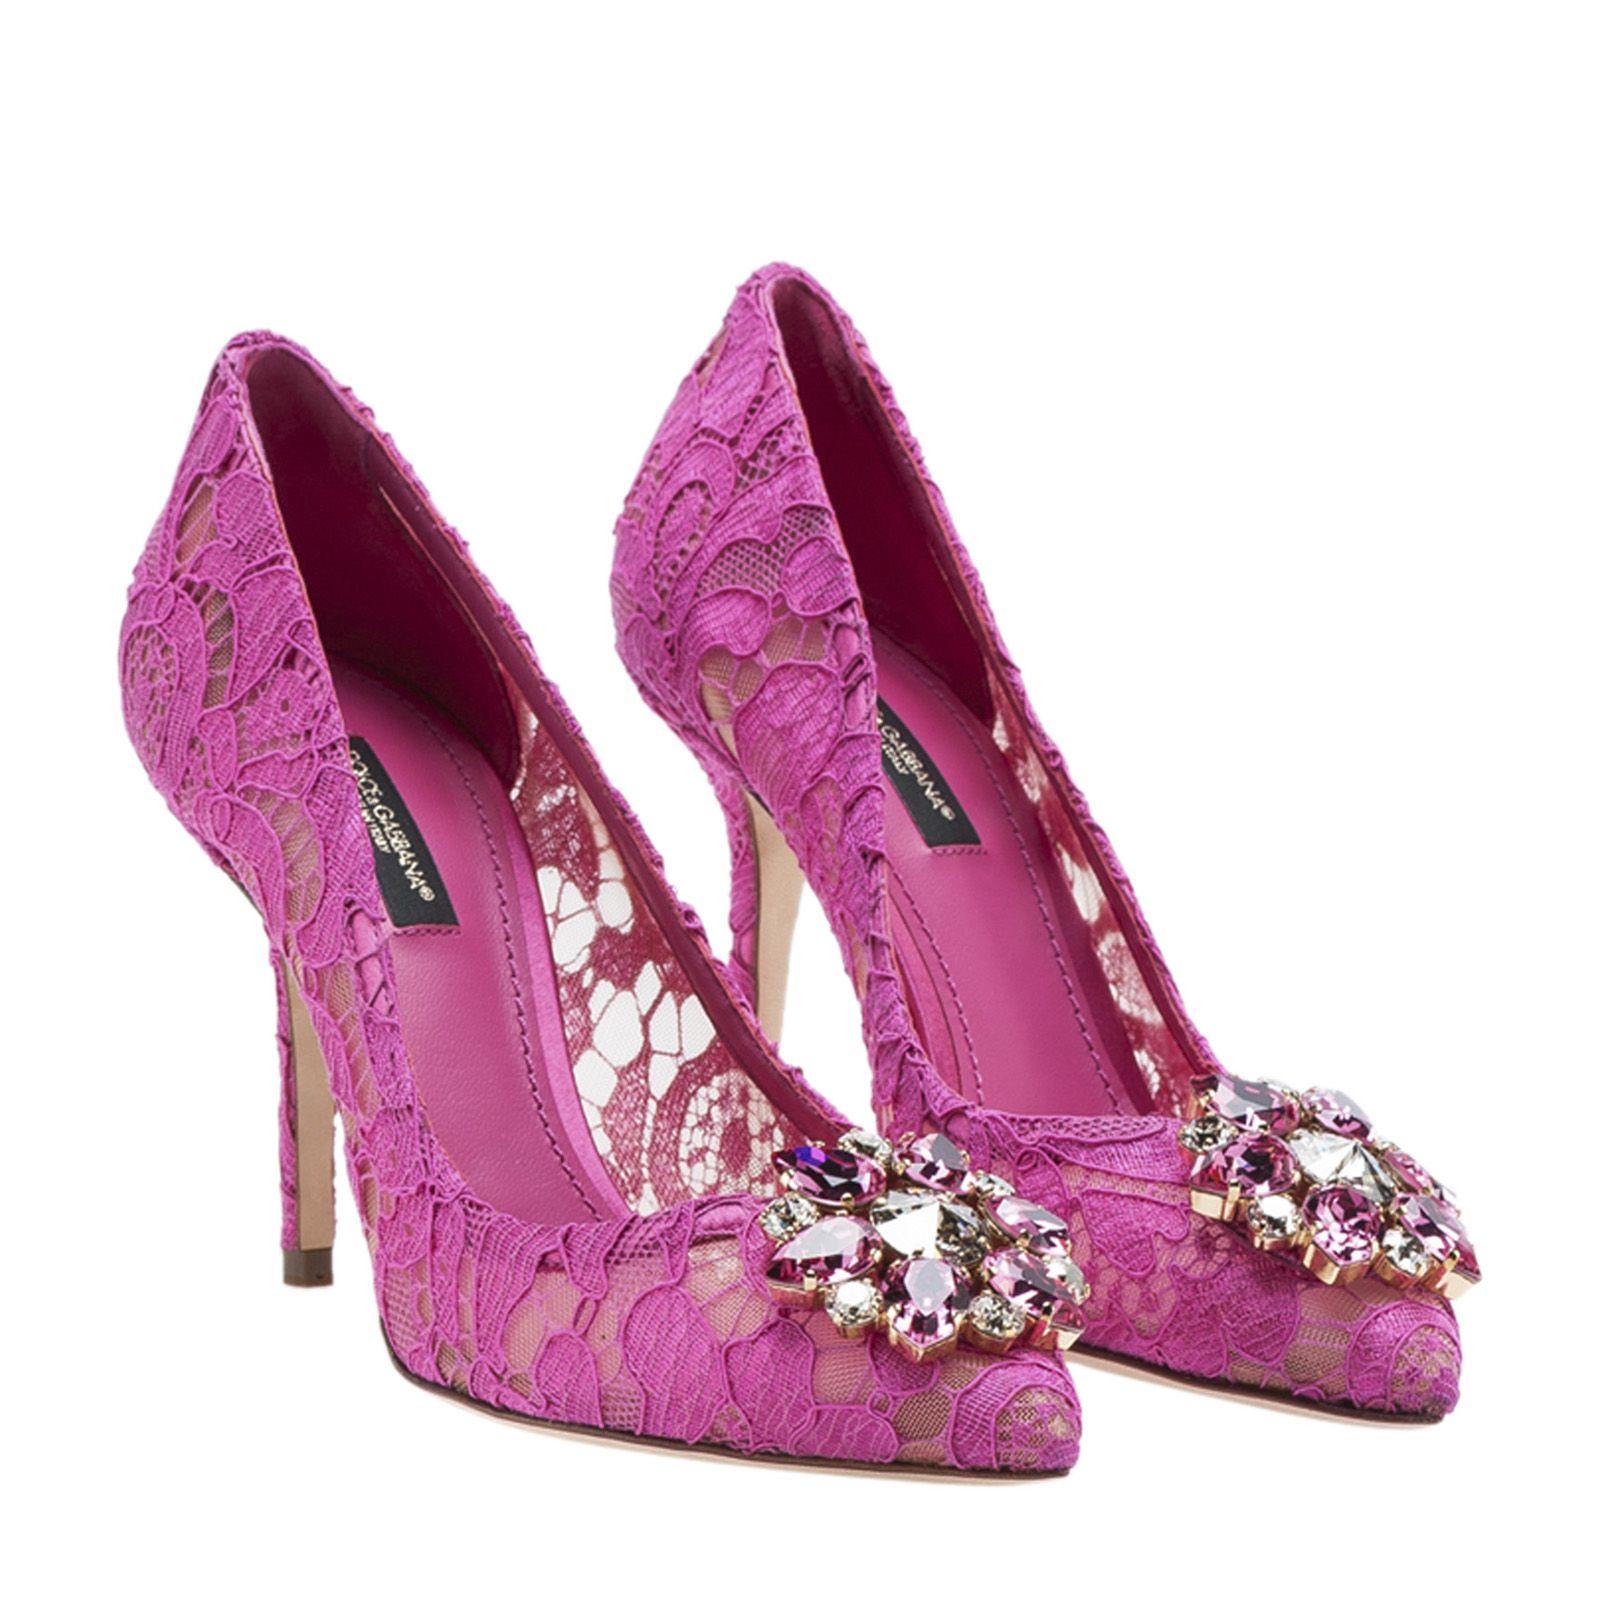 Dolce & Gabbana Suedes BELLUCI PUMPS